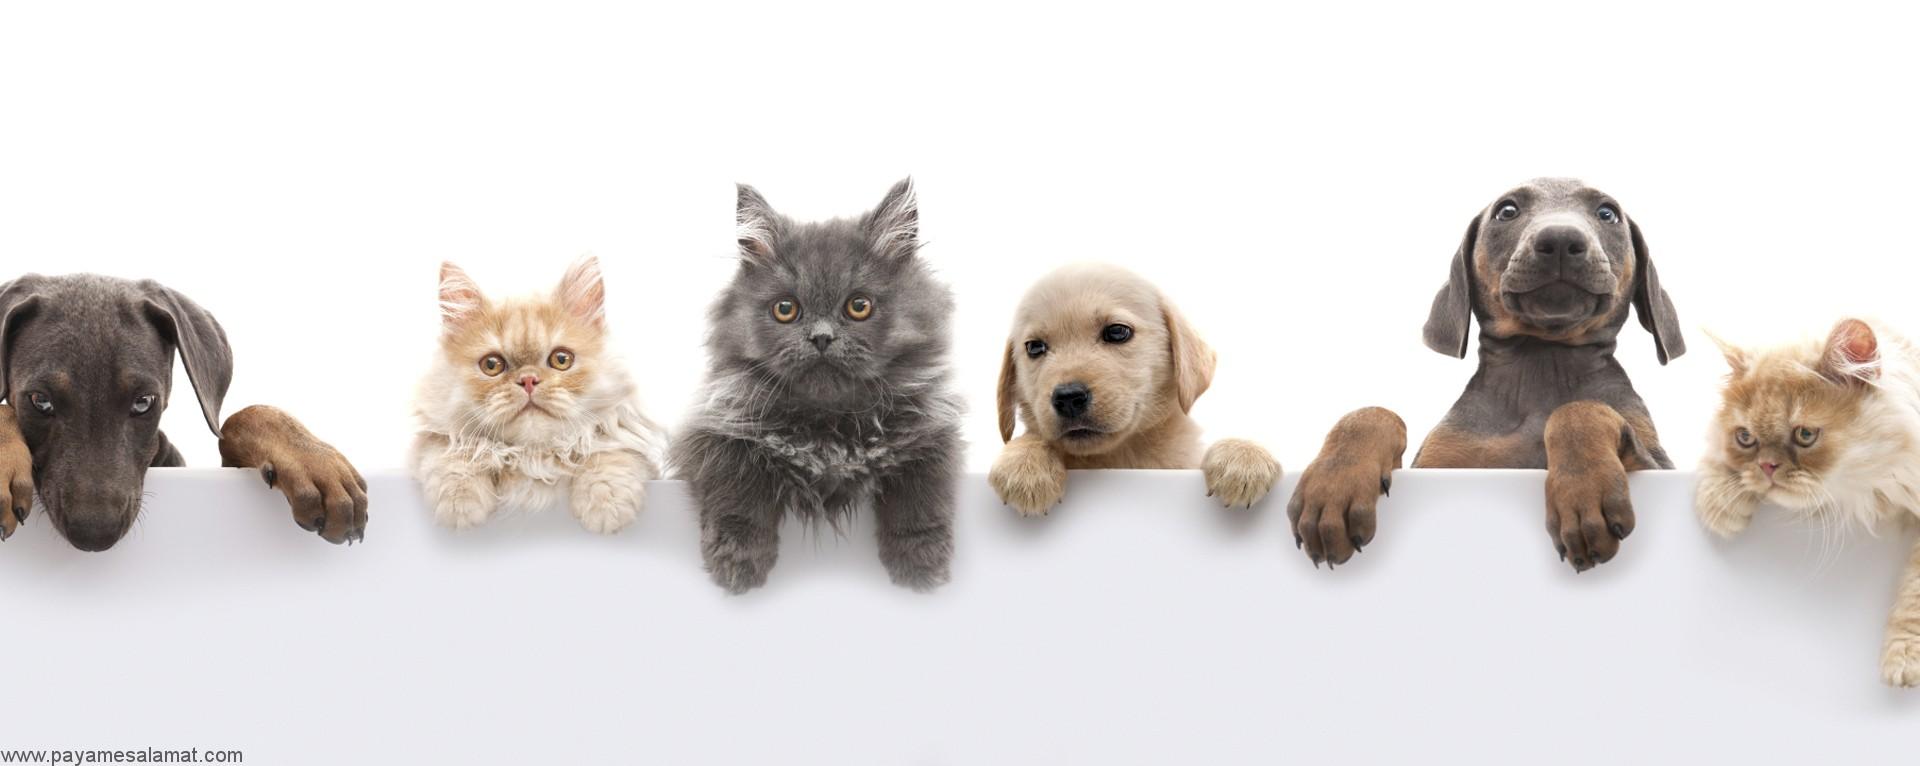 نکات مهم در مورد نگهداری از حیوانات خانگی